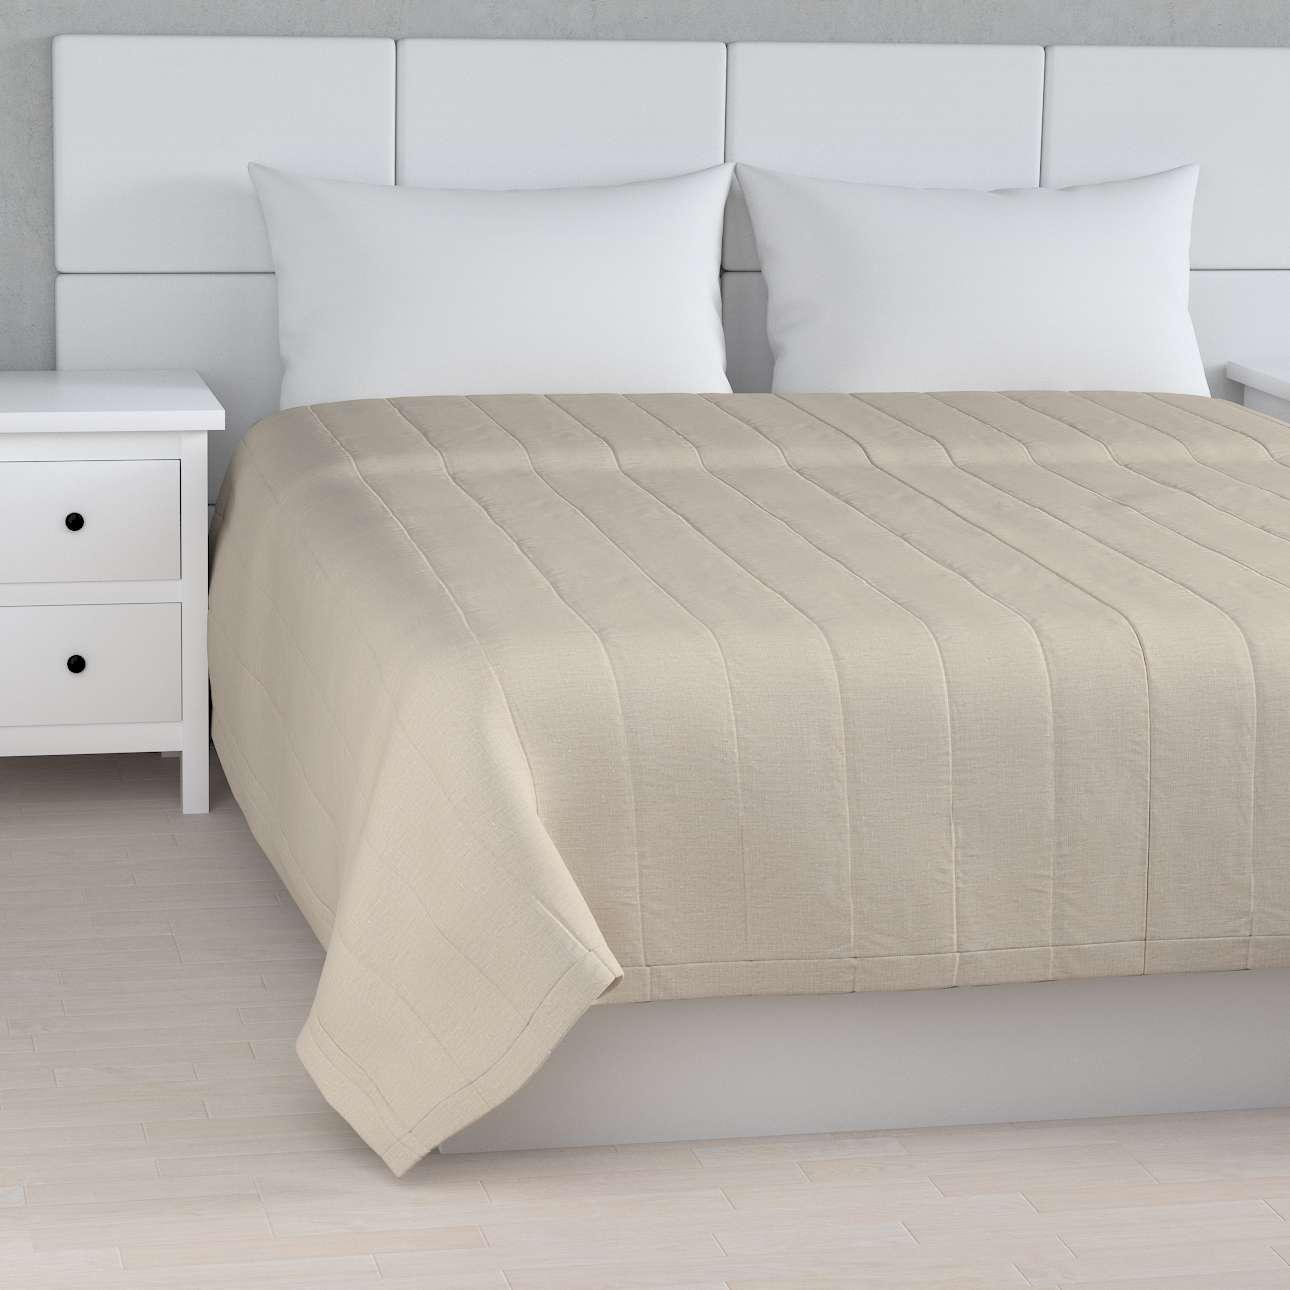 Tagesdecke mit Streifen-Steppung, natur, 170 × 210 cm, Leinen | Heimtextilien > Decken und Kissen > Tagesdecken und Bettüberwürfe | Muster | Dekoria